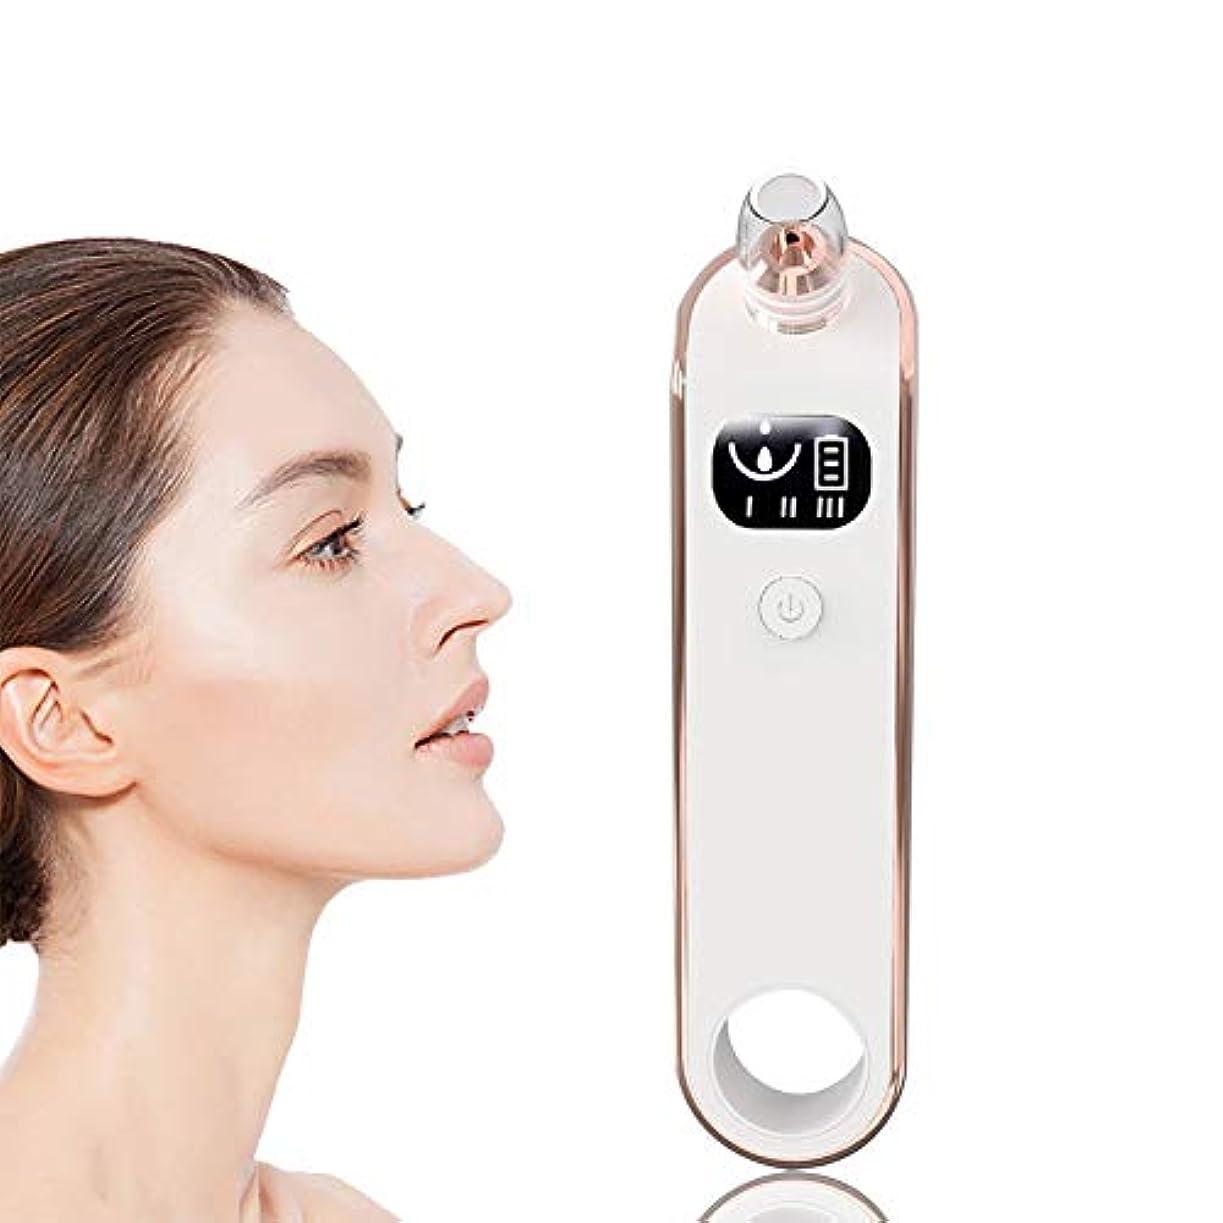 シロクマ理想的には家庭電気真空吸引機、にきびブラックヘッドブラックスポットクリーニングブラシ、毛穴クレンジングスキンケア?フェイシャルリフティングツールセット